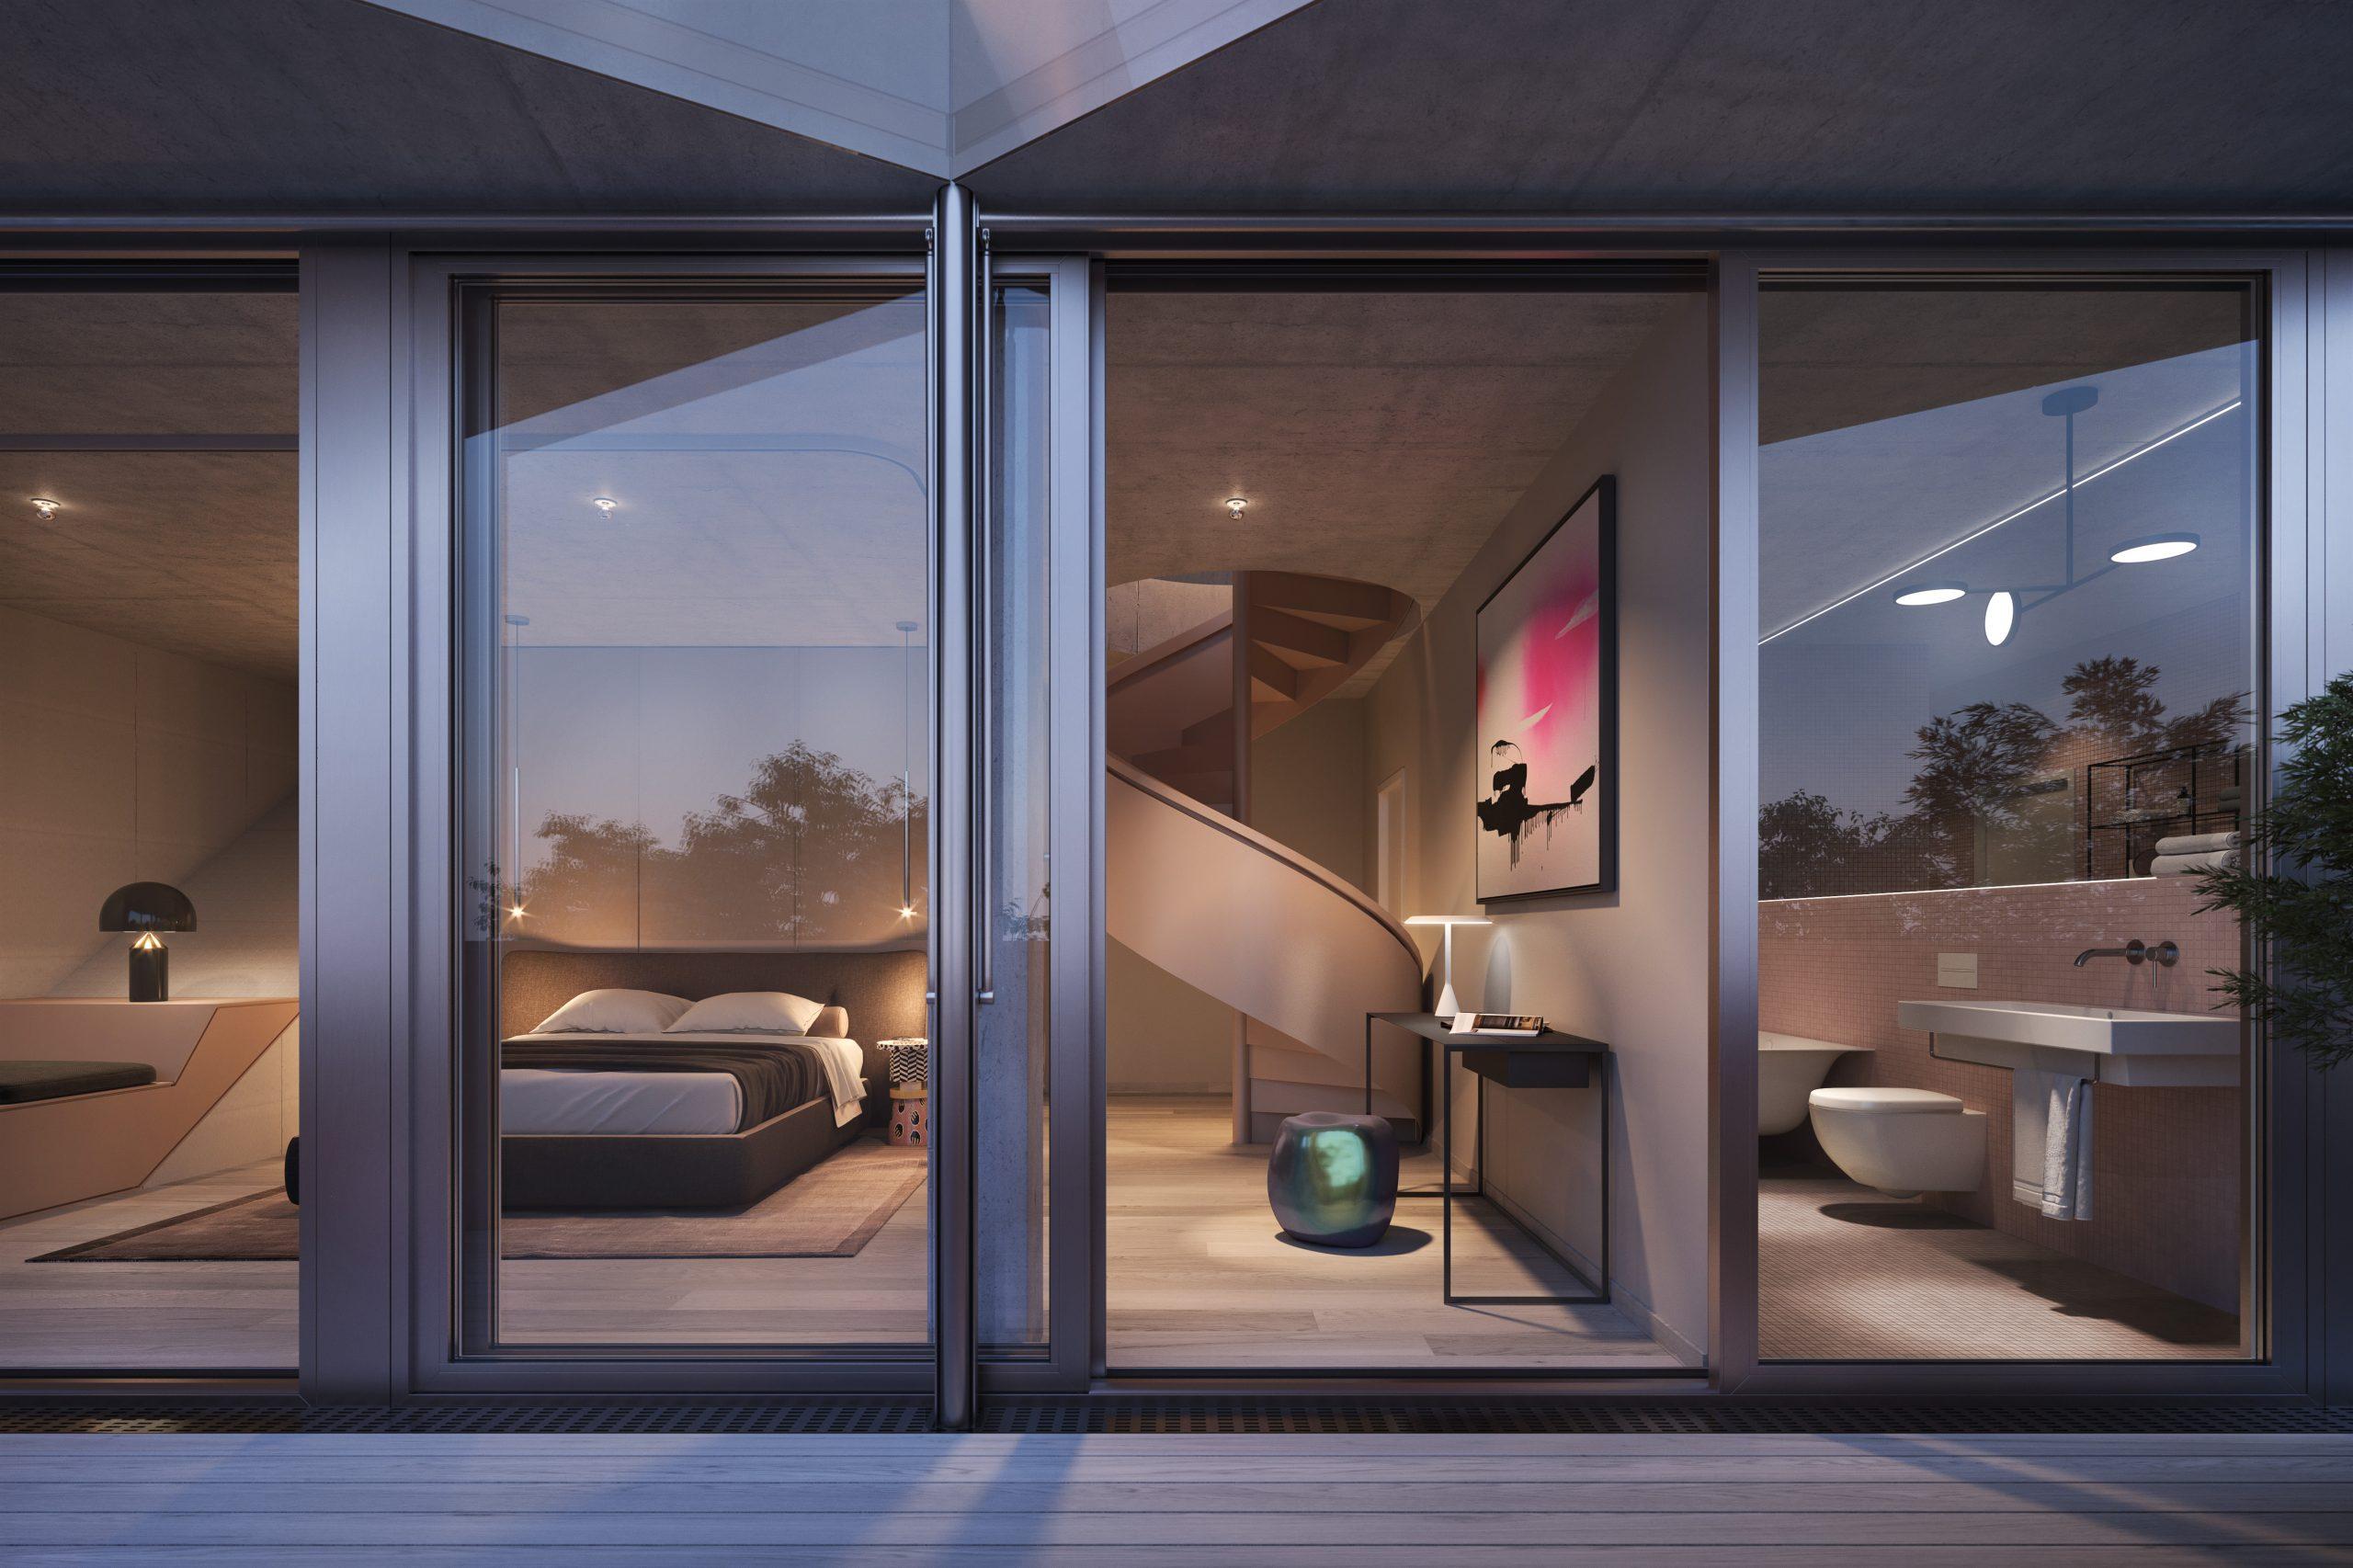 JOUX (JOX) Duplex-Apartment Blick von außen in Schlafzimmer und Bad